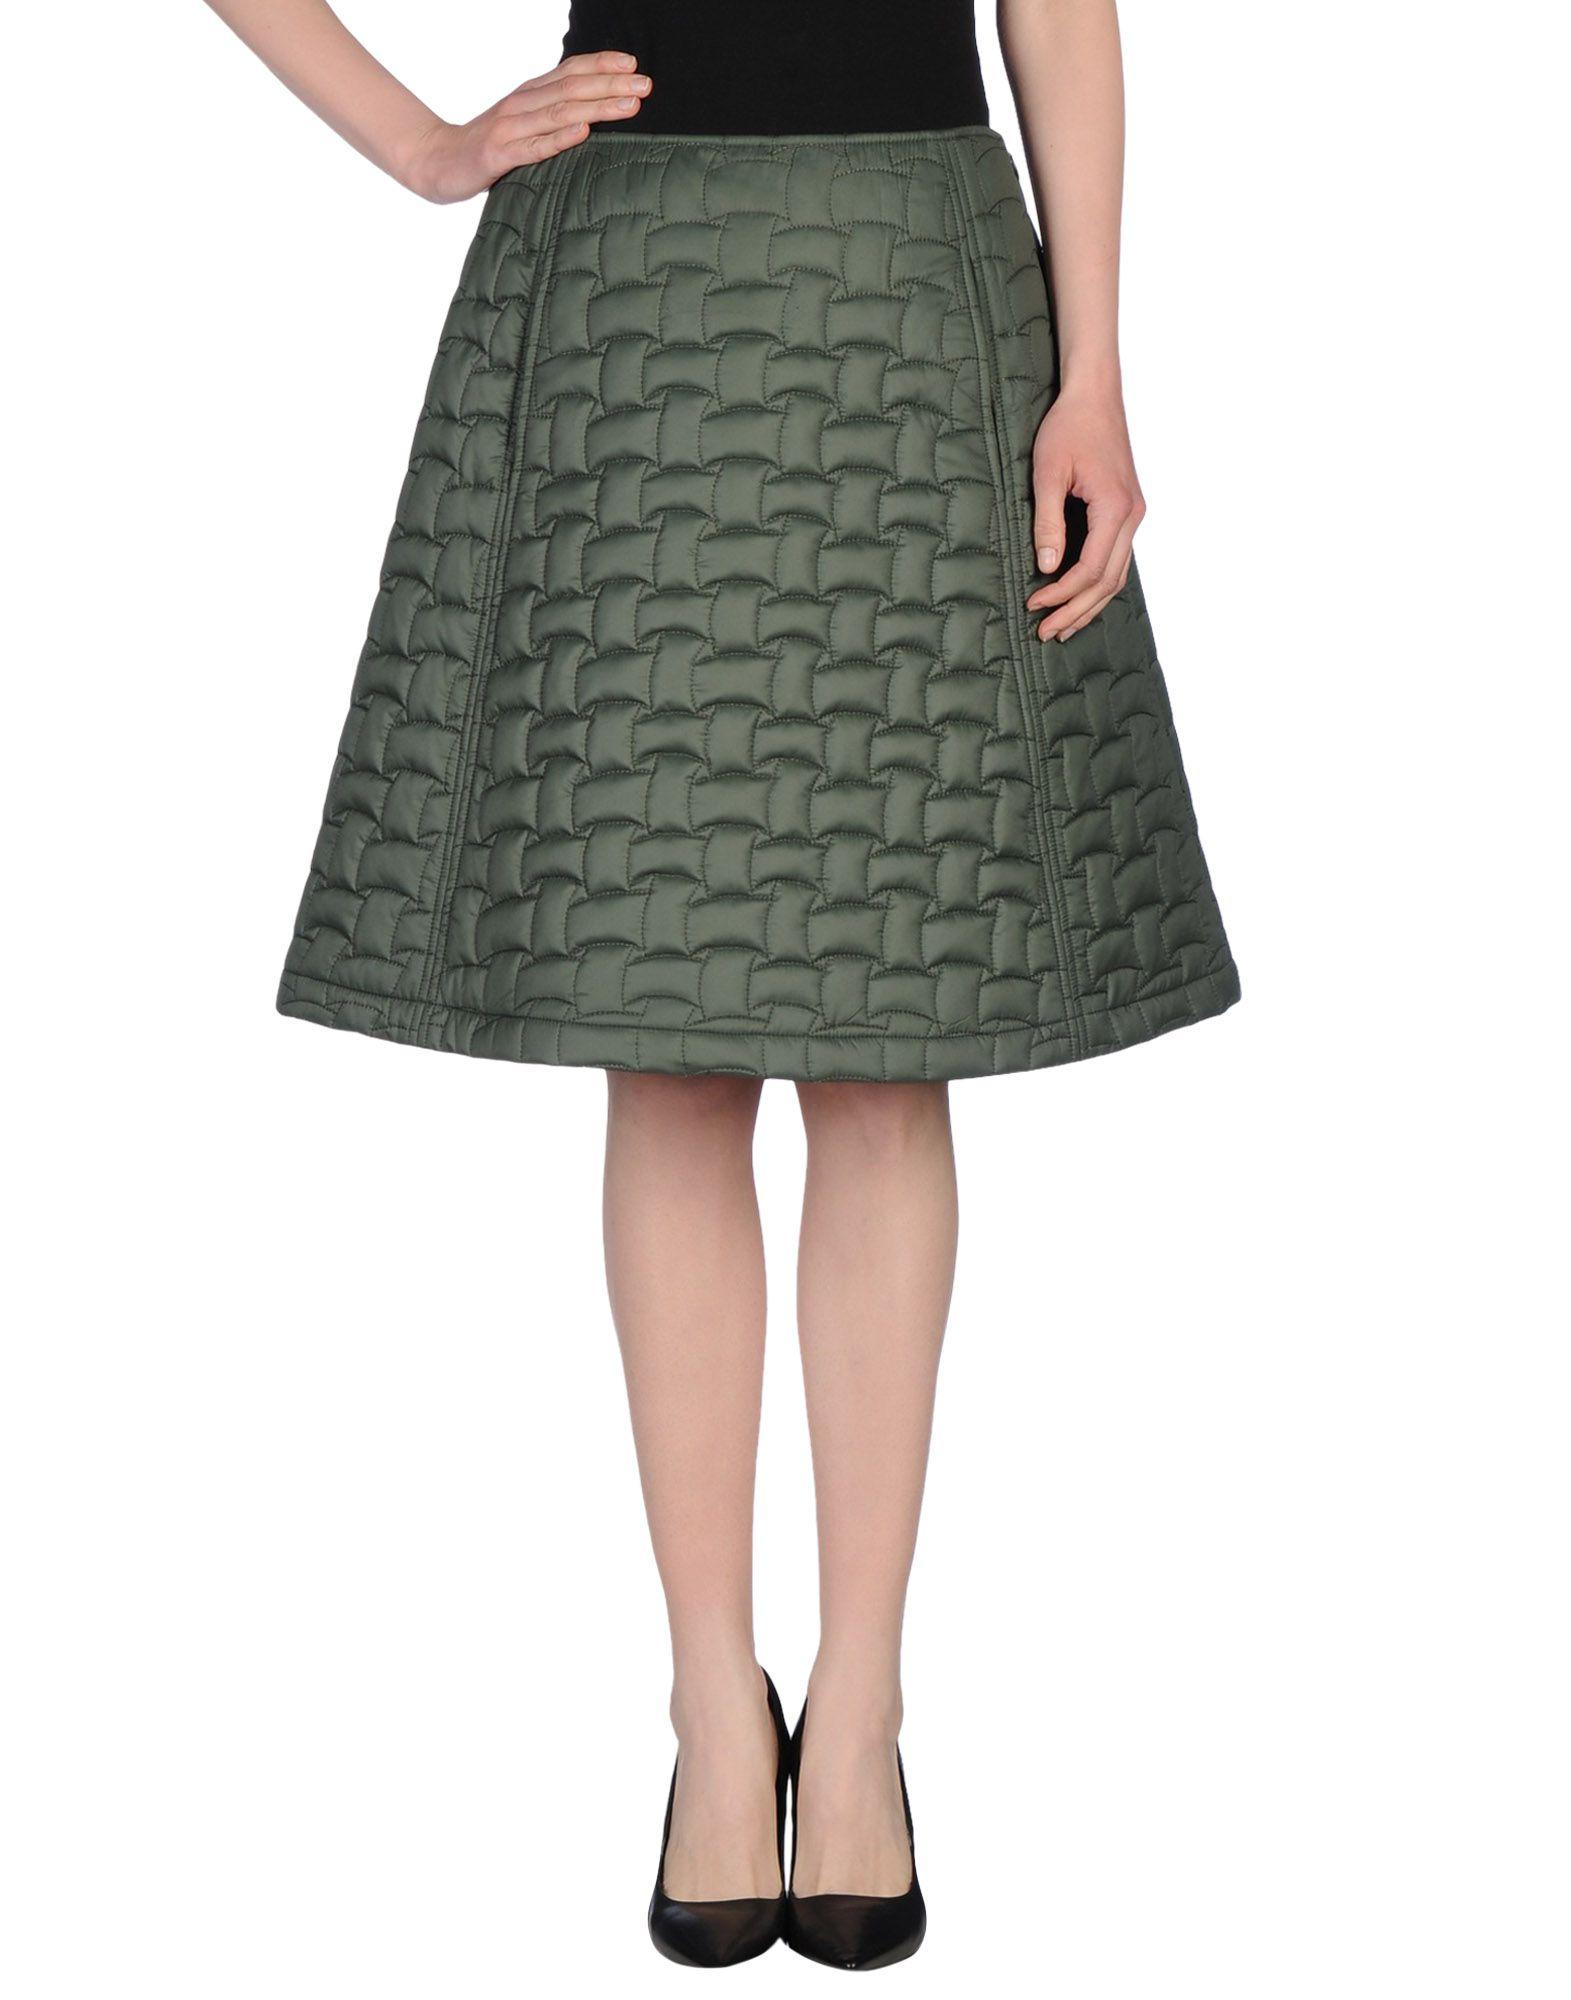 jil sander navy knee length skirt in green green